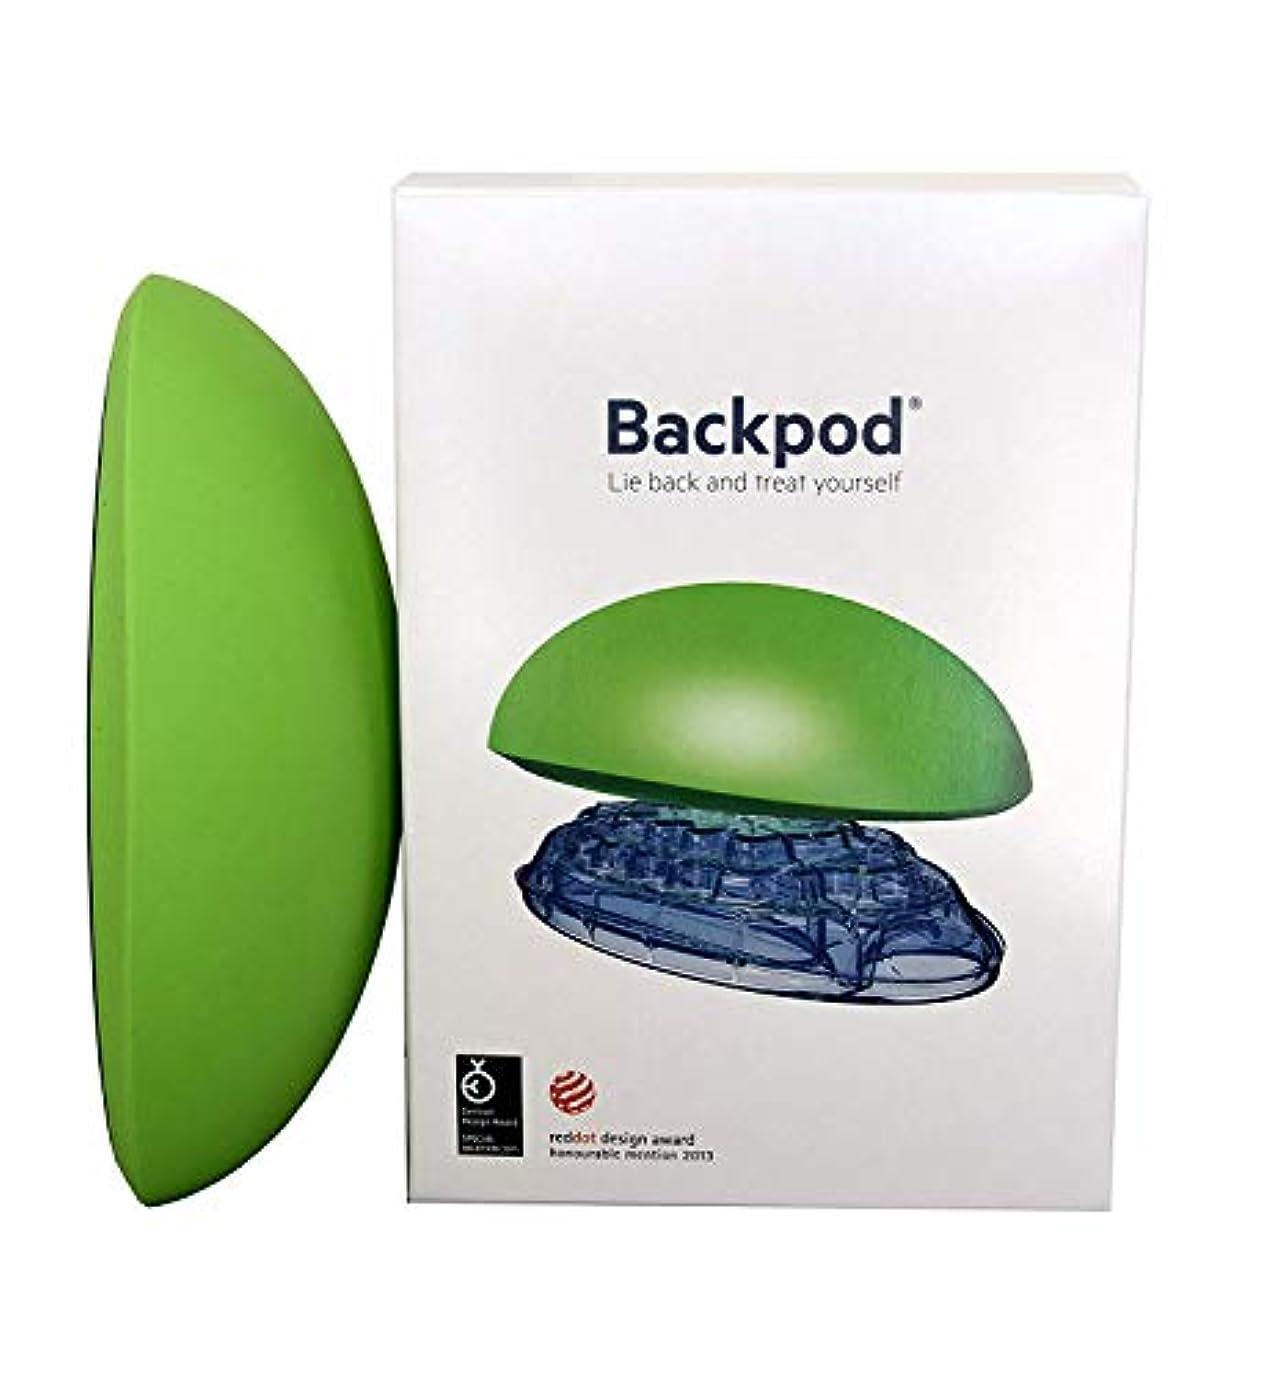 移民逮捕クレーターBackpod ― Backpodは、頸部痛、上背部の痛み、頭痛のための高質なトリートメントです。これらの痛みは、スマートフォンやコンピュータを猫背になって使用していることで起こります。また、Backpodは、肋軟骨炎、...